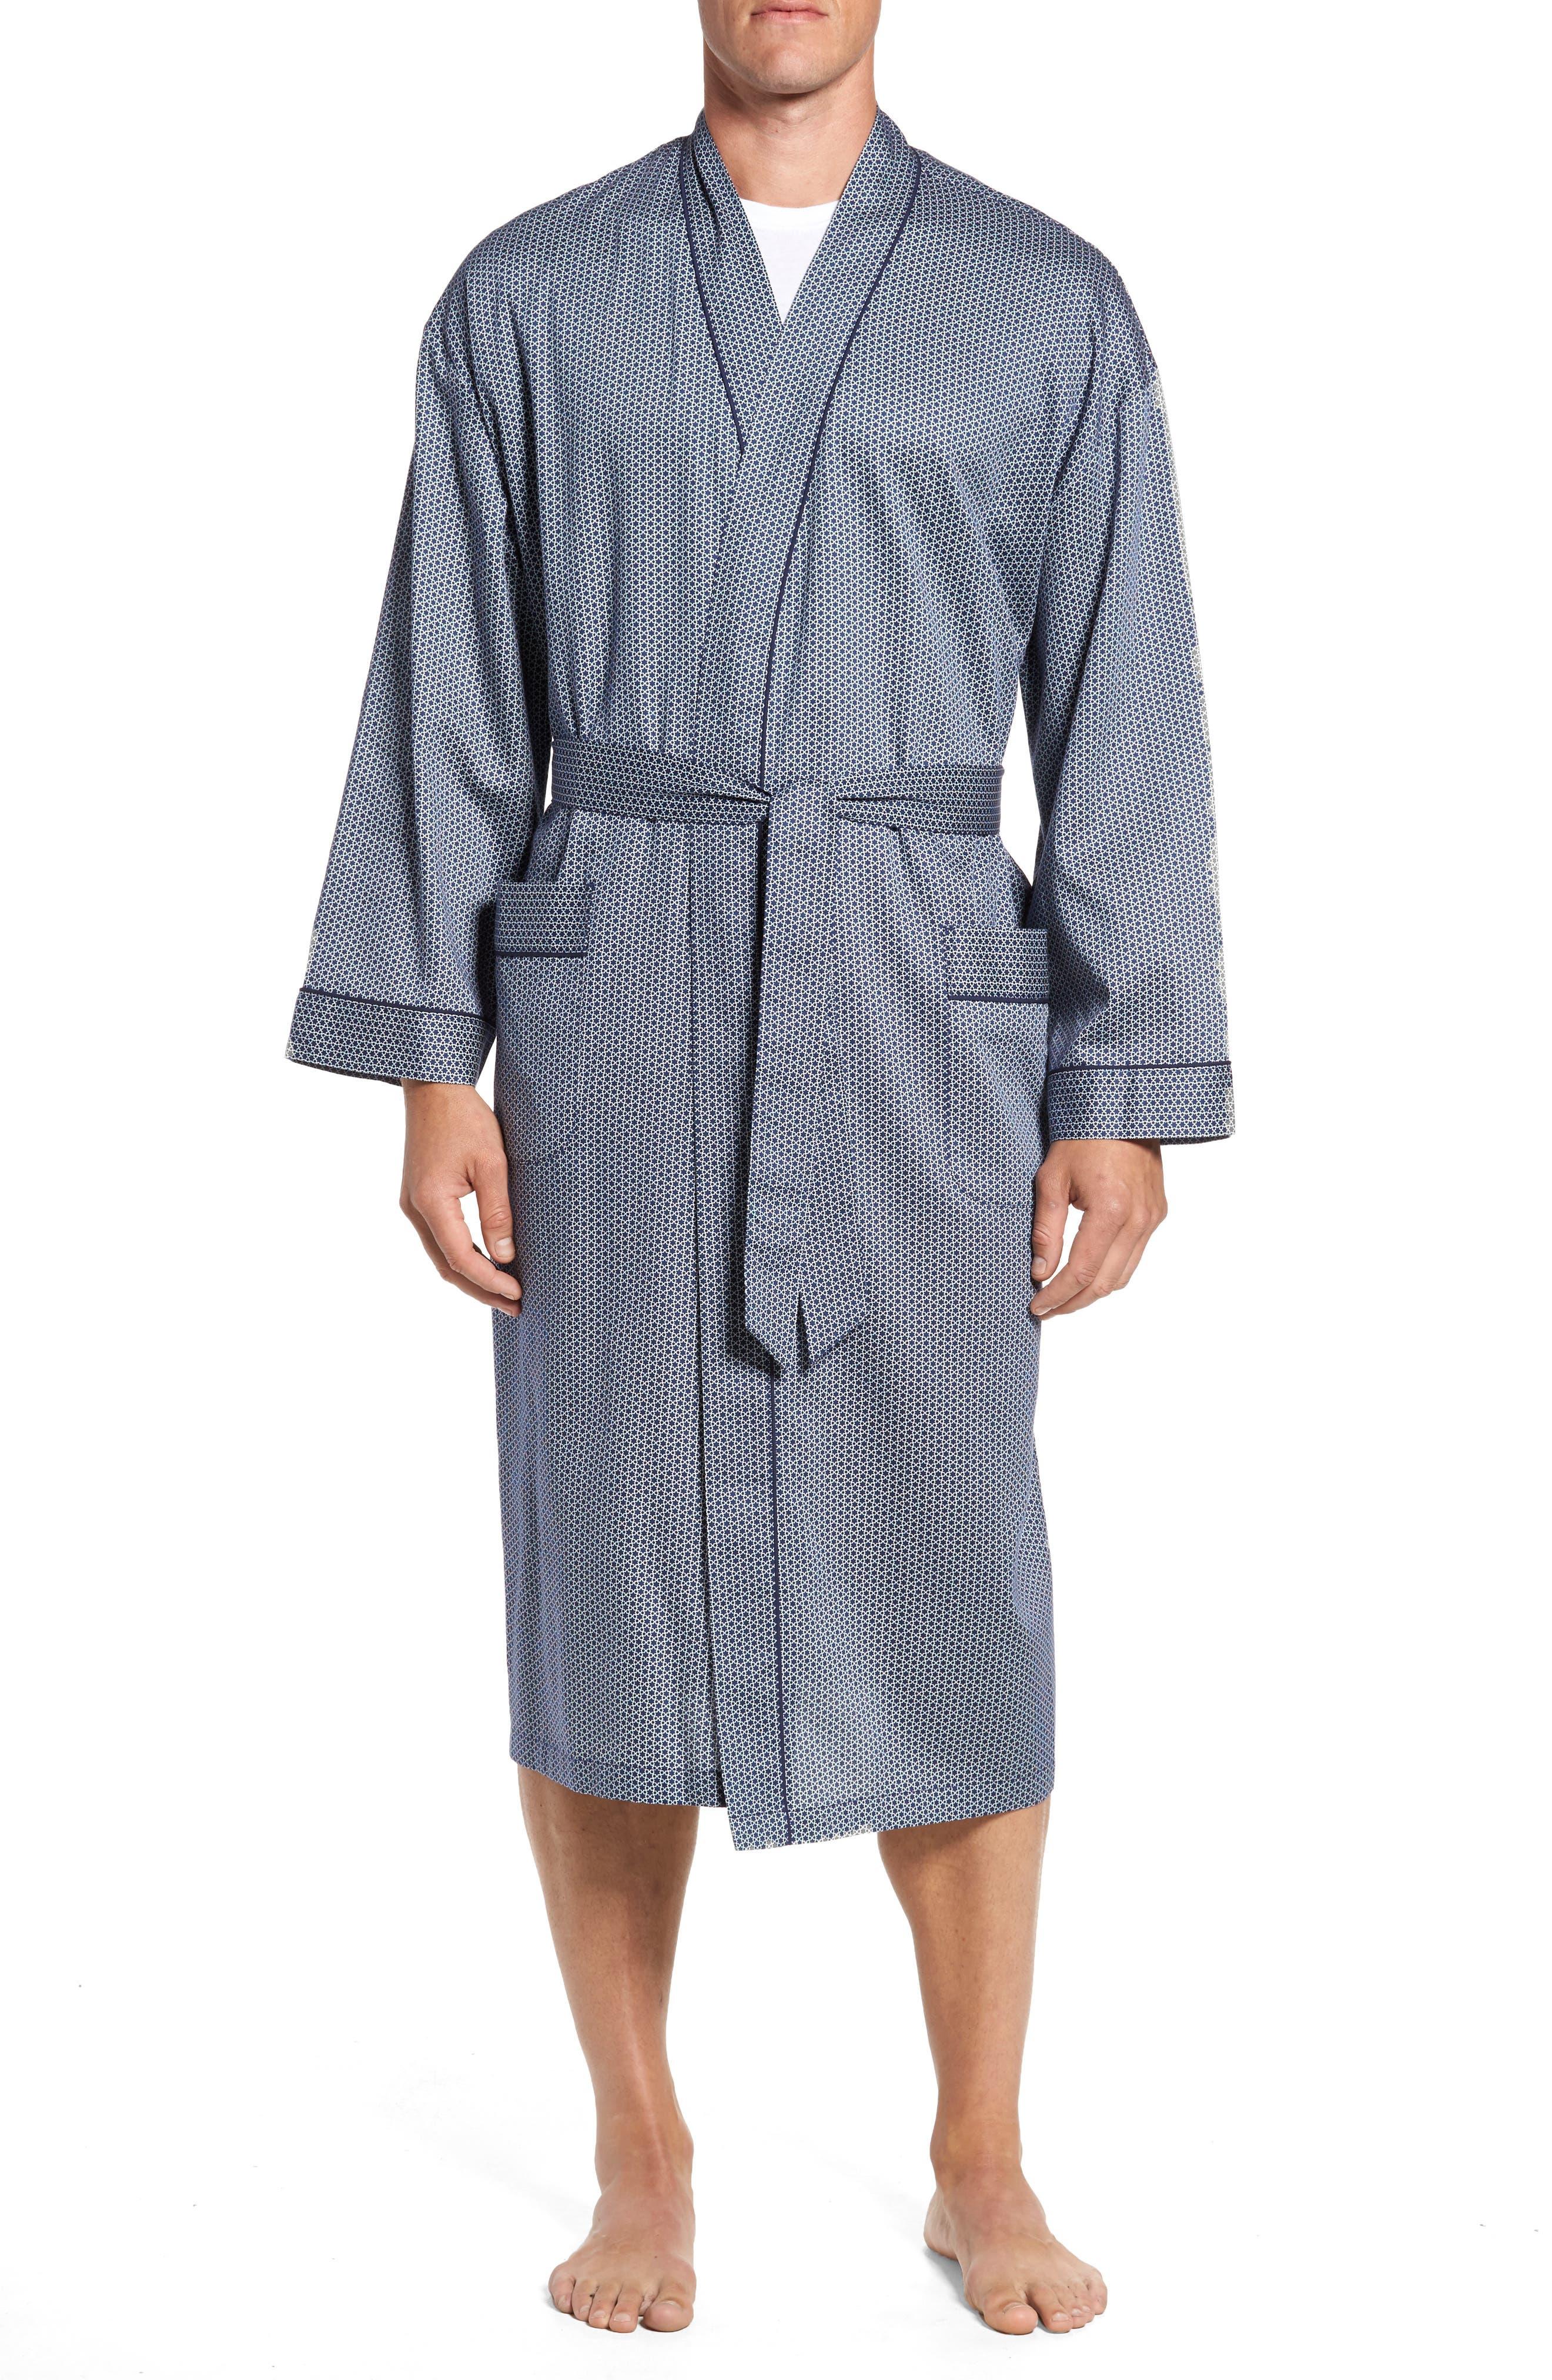 Main Image - Majestic International Winterlude Robe